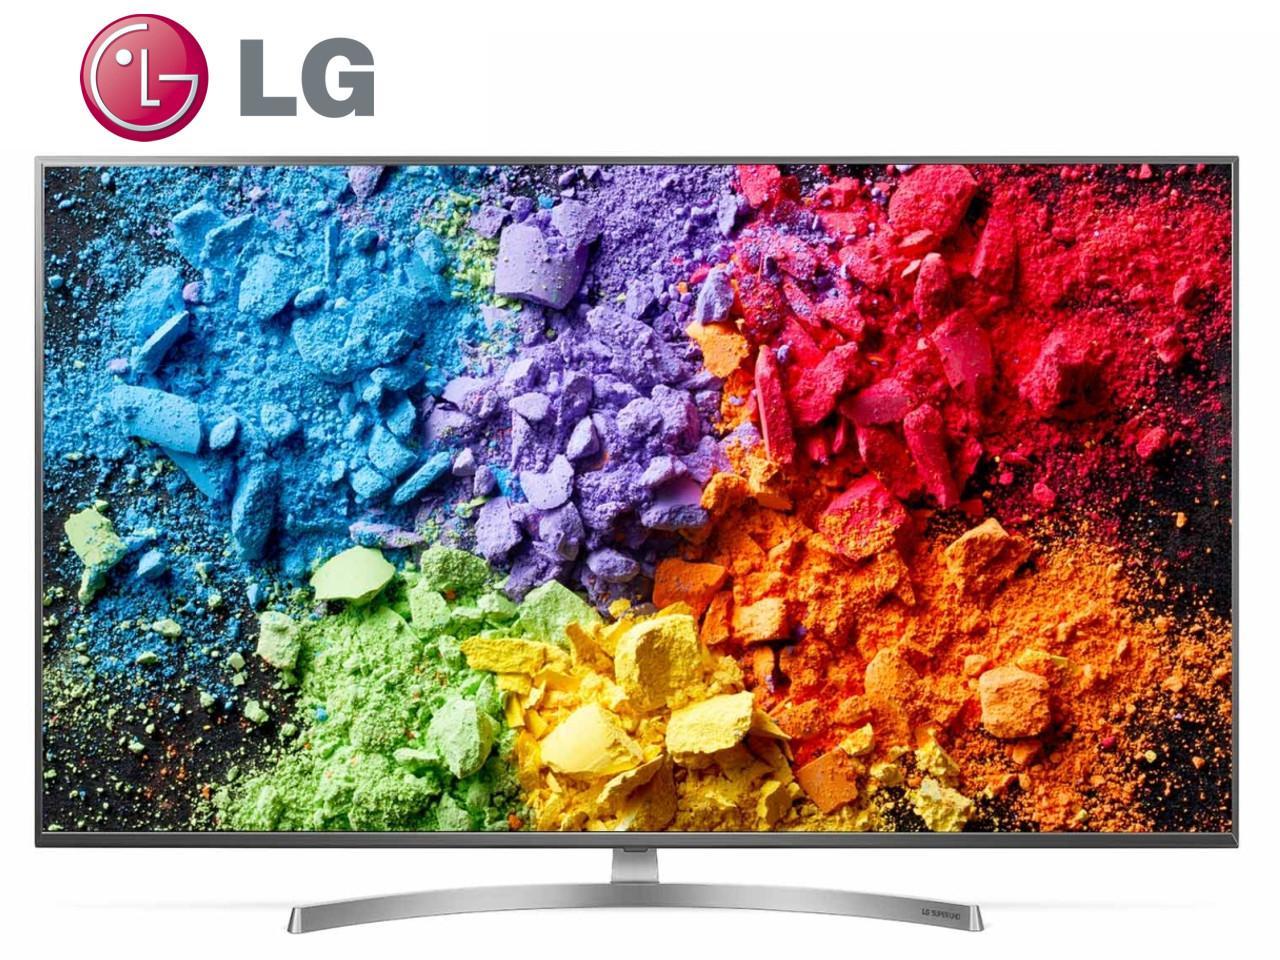 LG 55SK8100 + 700 Kč na dárky nebo další nákup | CHAT on-line podpora PO-PÁ 8-22.00!!